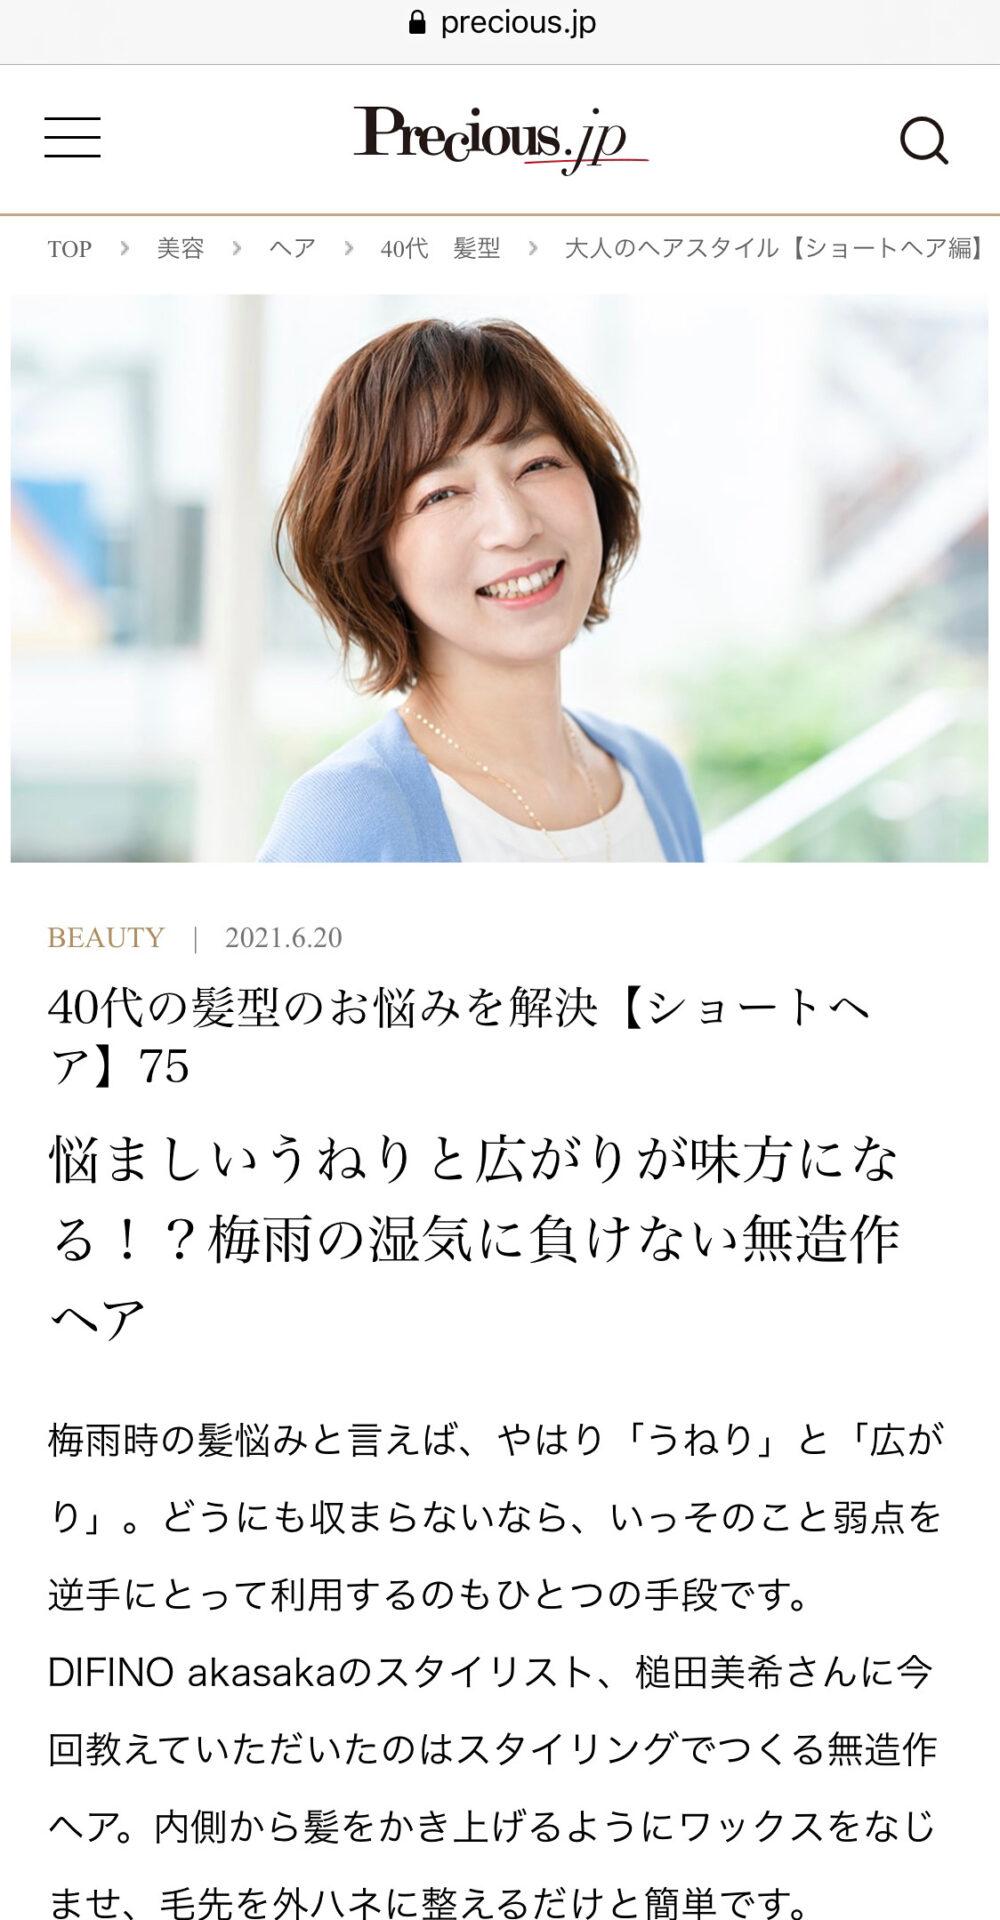 PreciousWEBマガジン掲載!うねりも広がりも活かします!^ ^